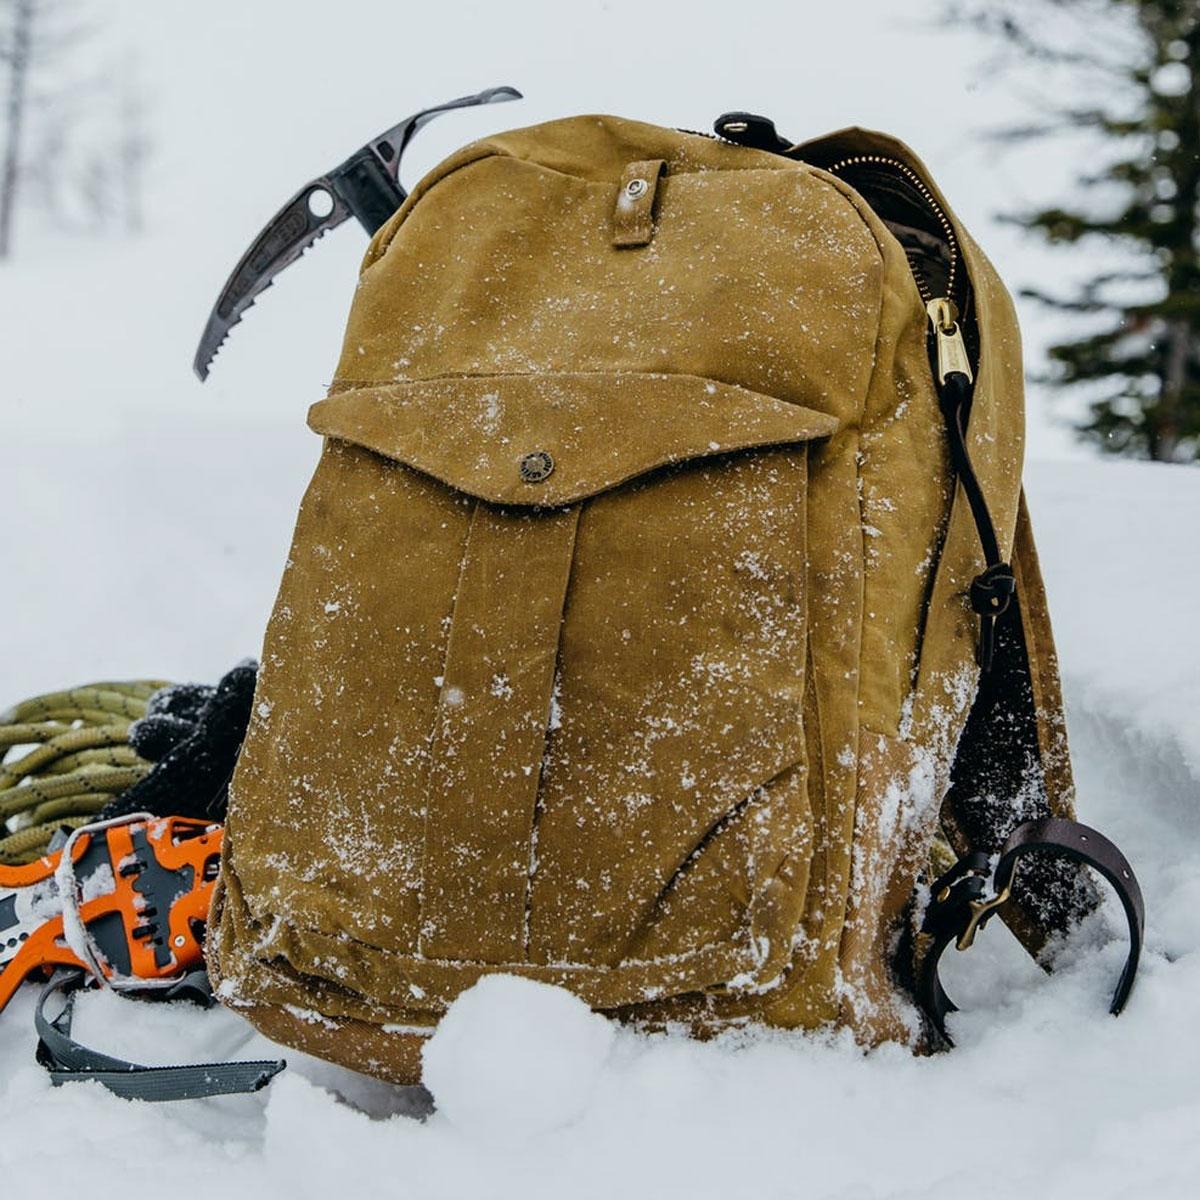 Filson Journeyman Backpack 11070307 Tan, für schwere Lasten mit wasserabweisender, abriebfester Leistung